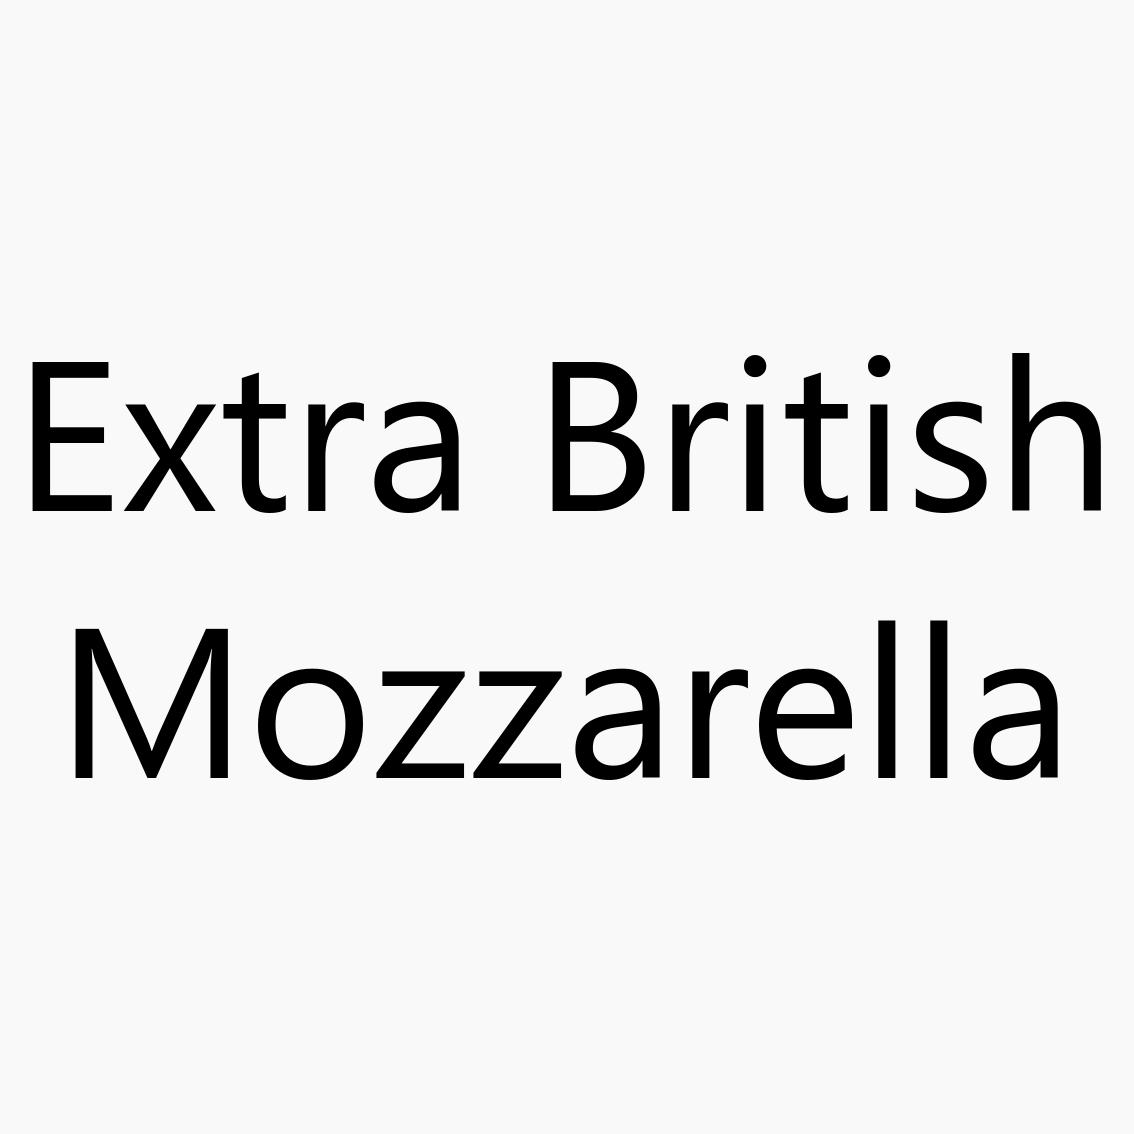 Extra British Mozzarella